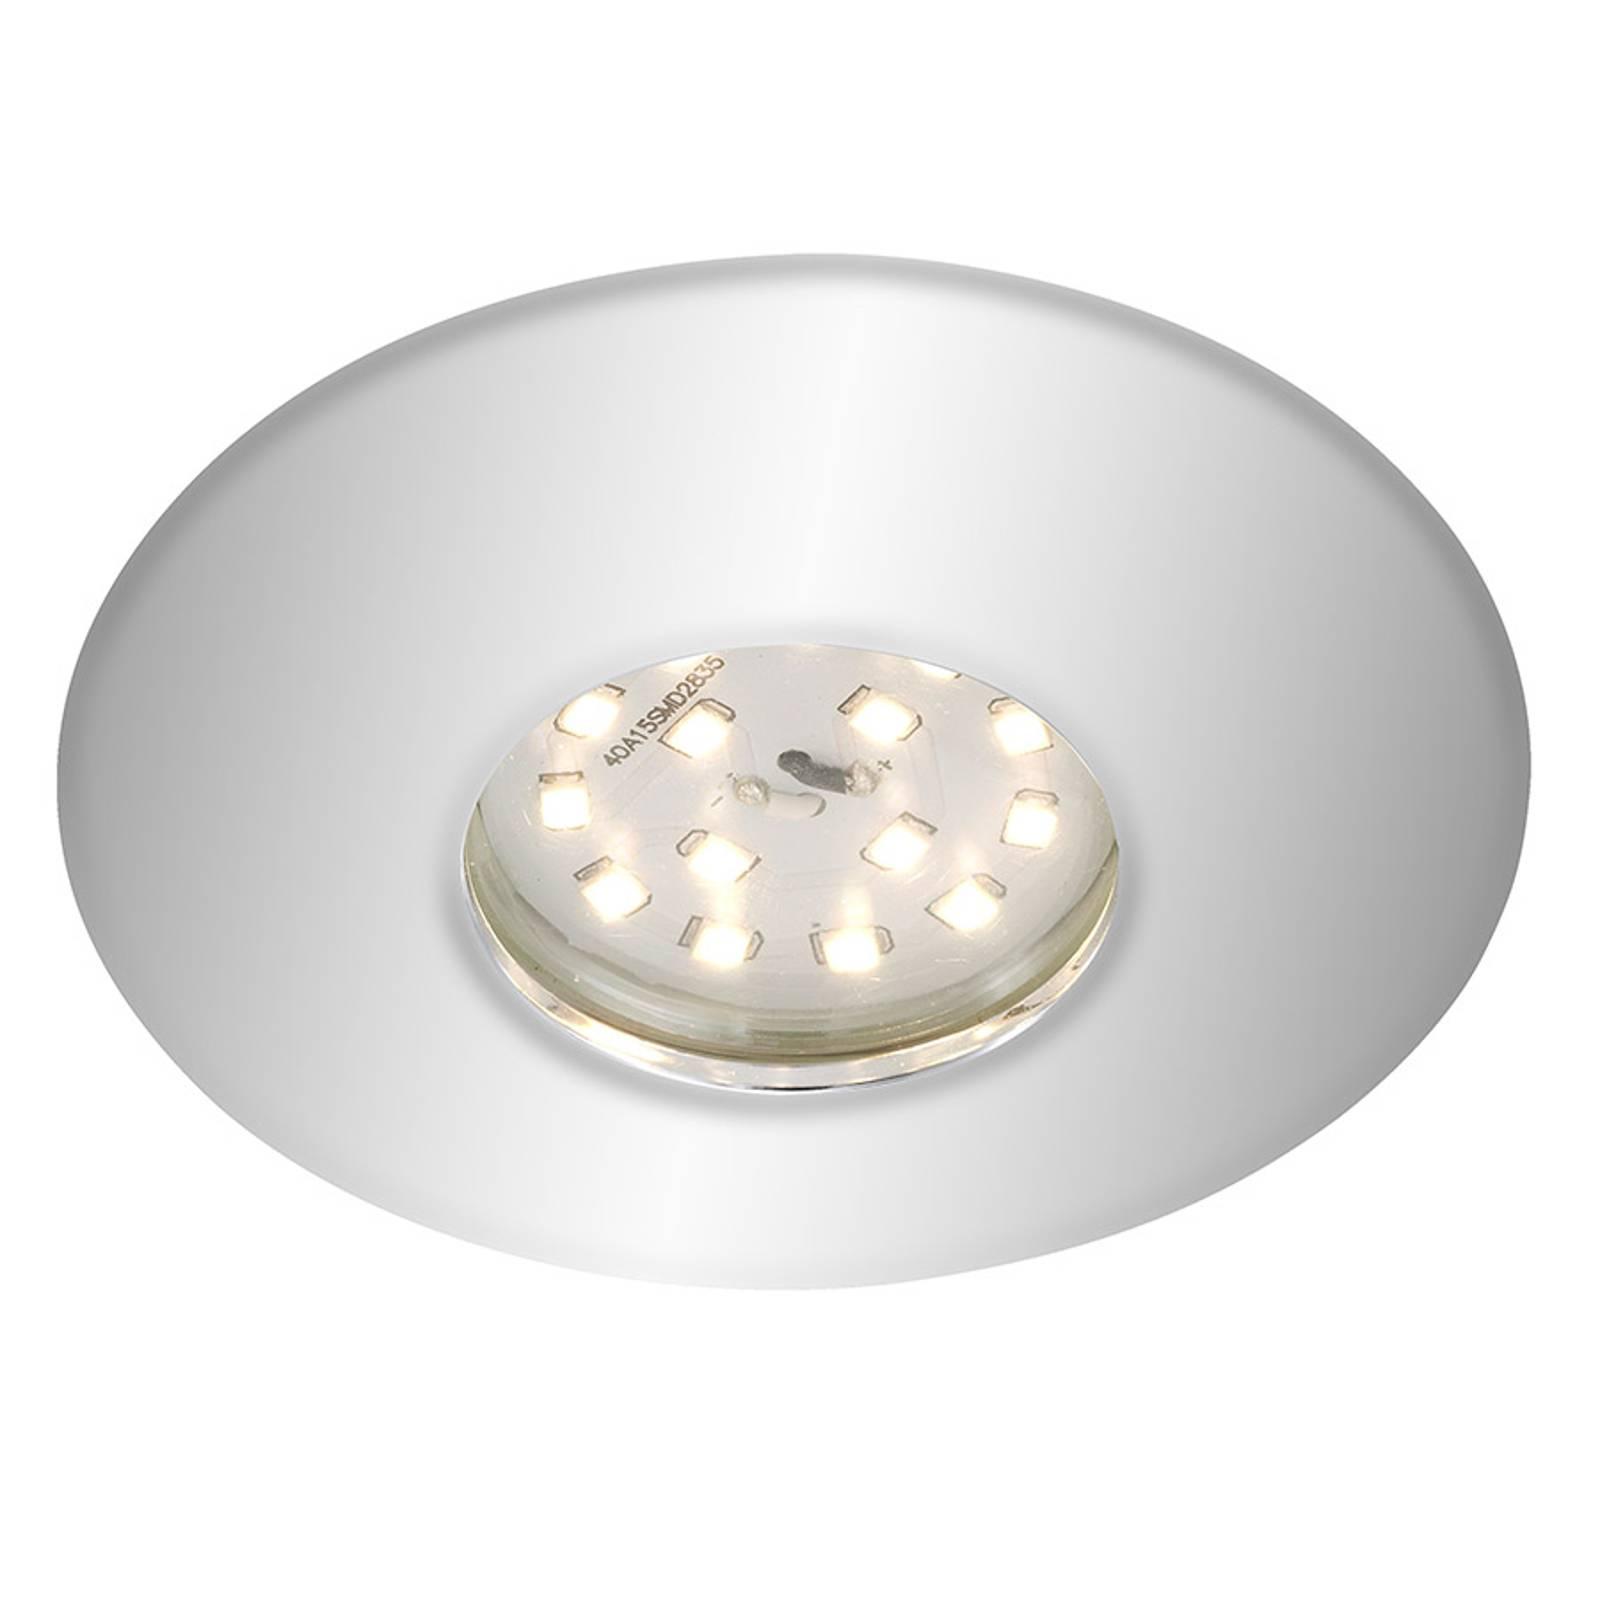 Verchroomde LED inbouwspot Shower, IP65